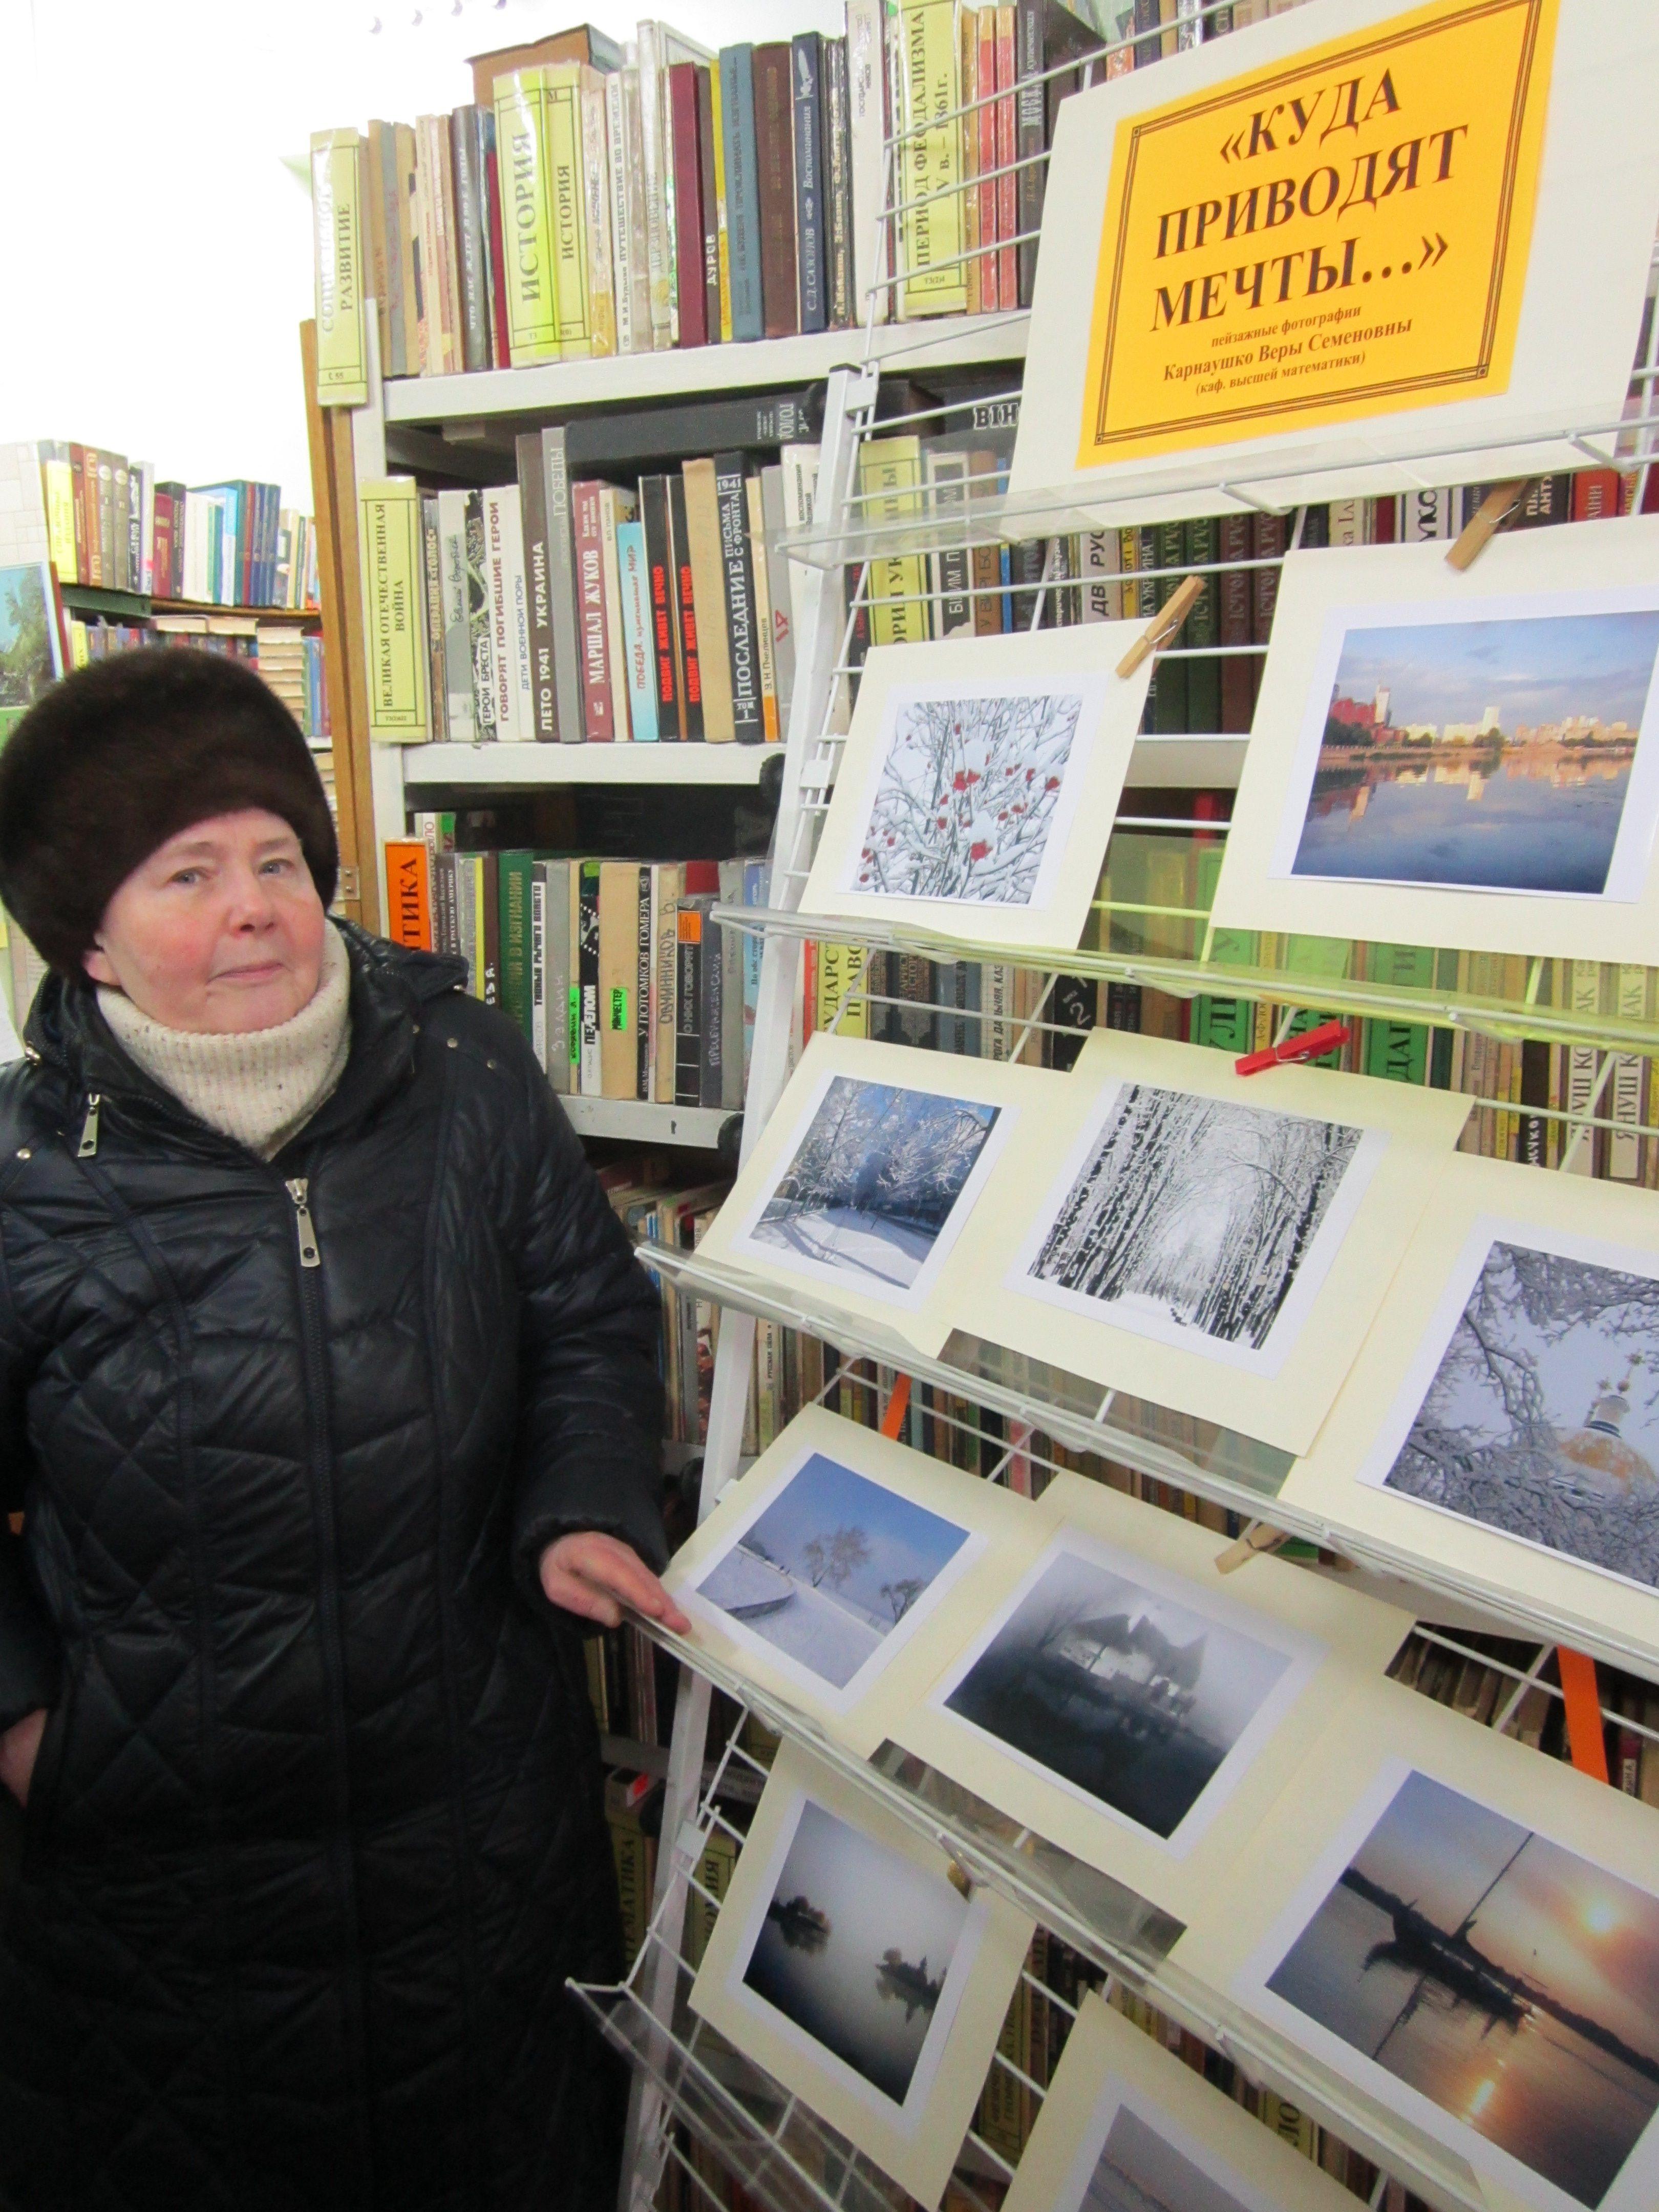 Карнаушко Вера Семеновна